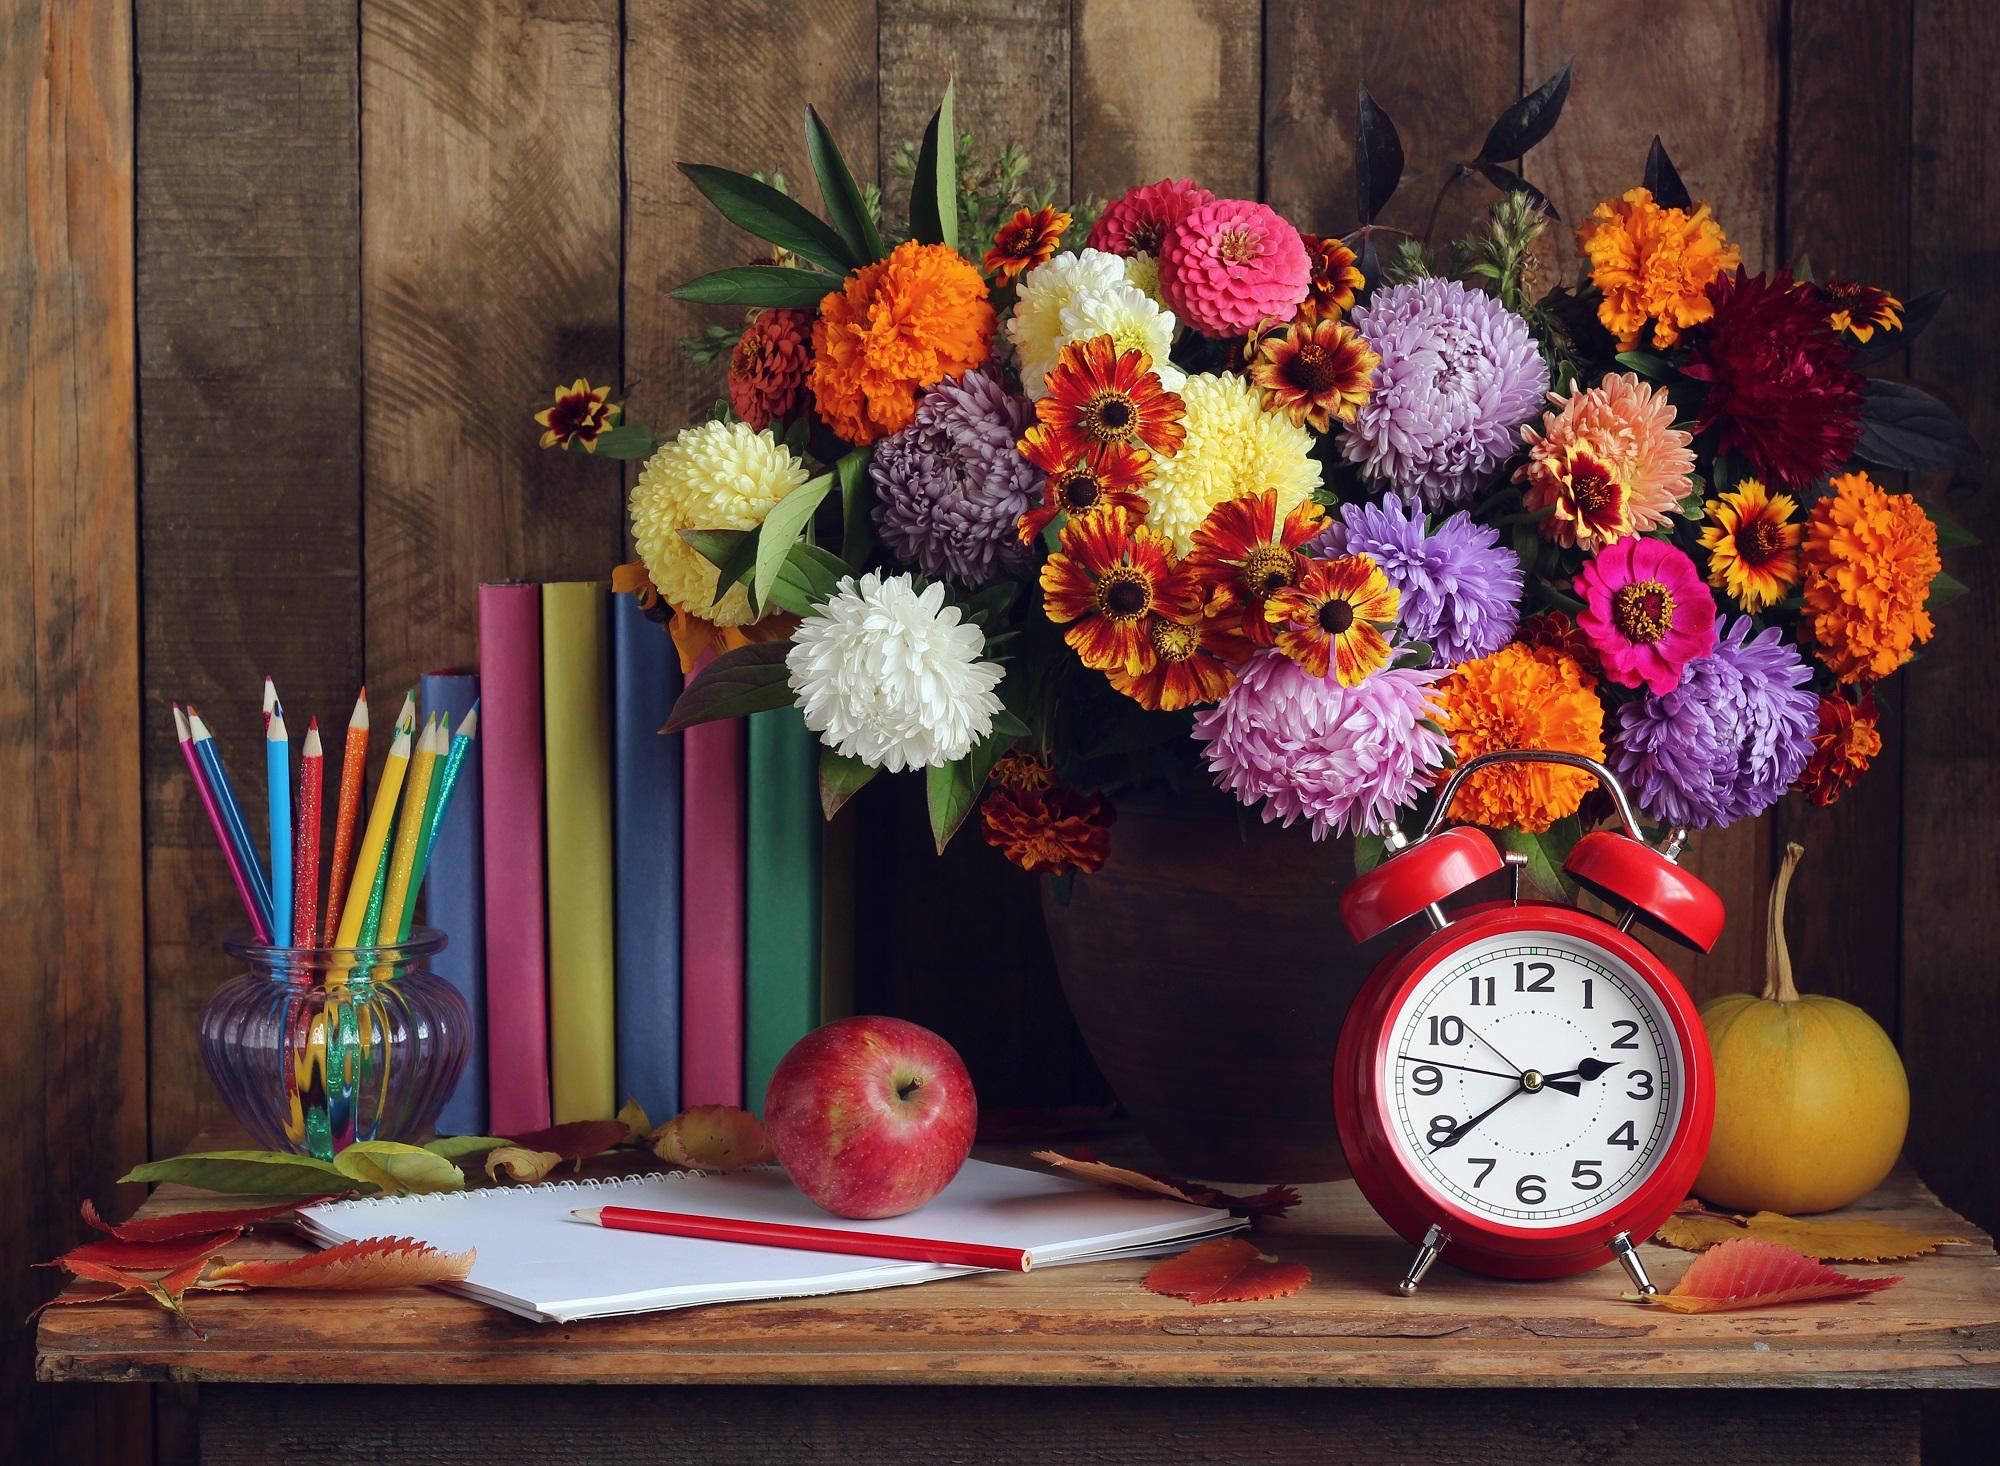 Праздники в сентябре 2018 года. Источник фото: Shutterstock